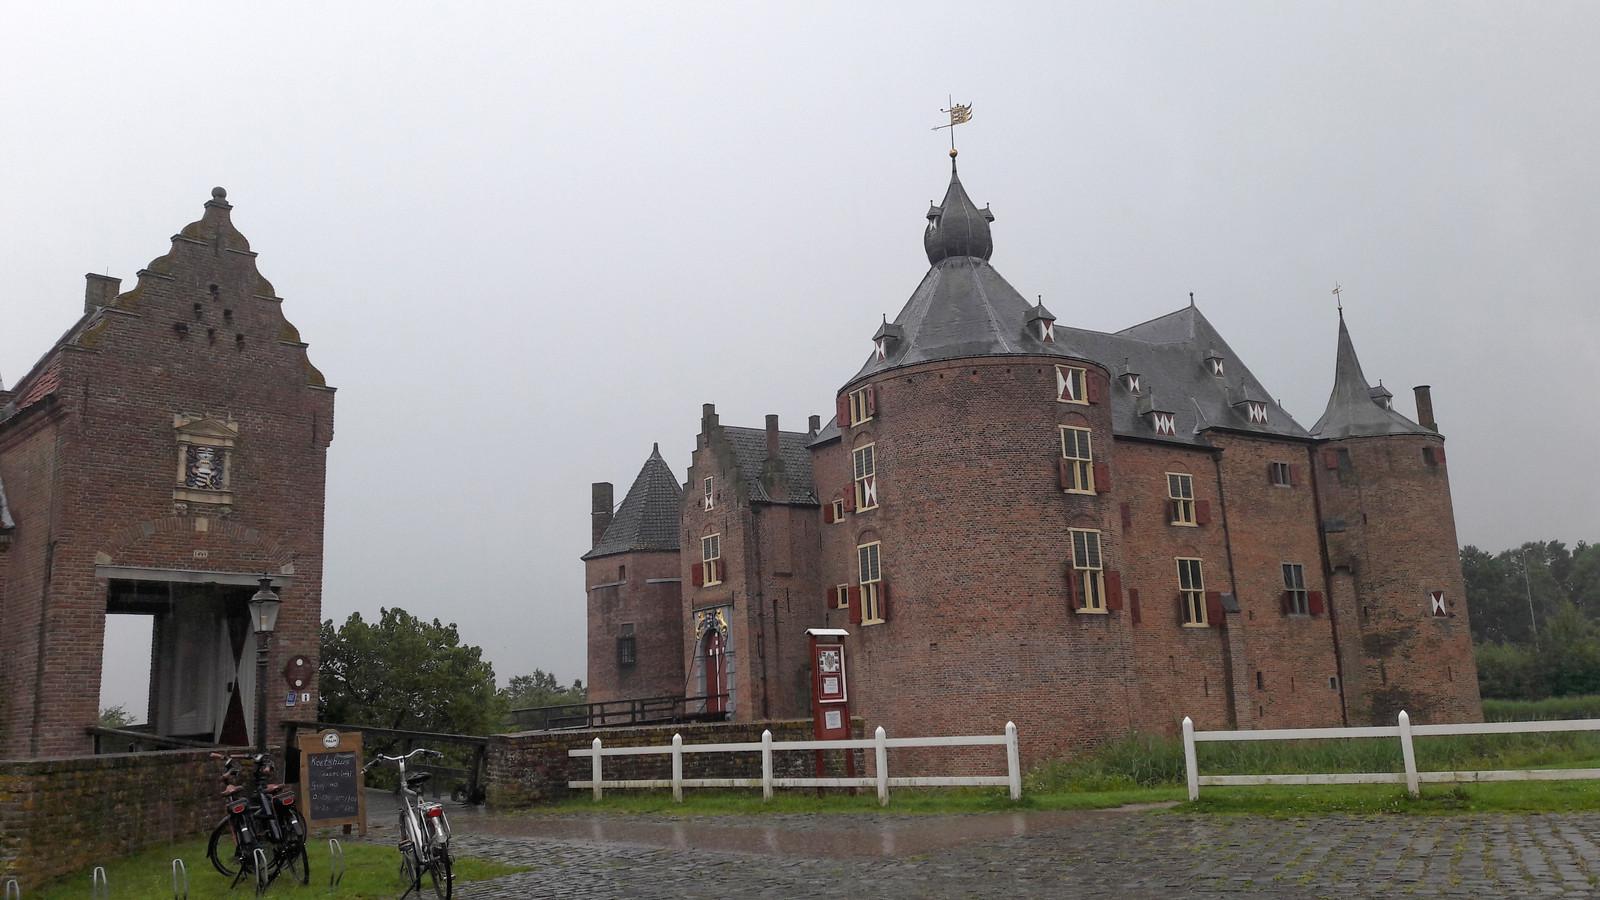 Kasteel Ammersoyen trekt 20.000 tot 25.000 bezoekers per jaar. Door het kasteel beter toegankelijk te maken en door steeds meer ruimtes te ontsluiten denkt Geldersch Landschap en Kasteelen dat aantal op te kunnen schroeven tot 60.000.